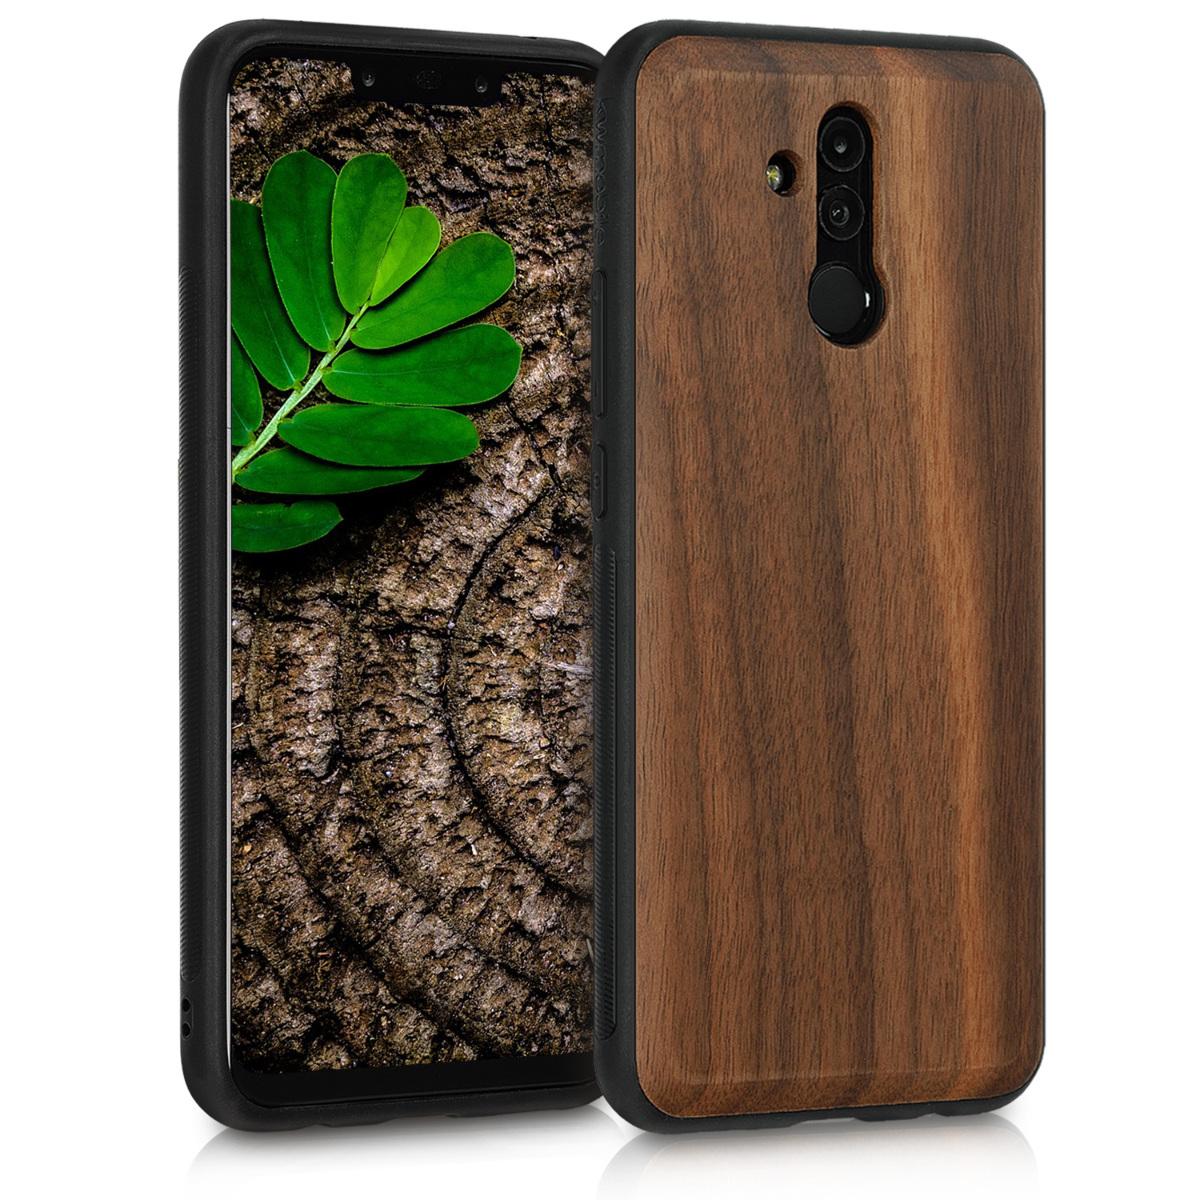 KW Σκληρή Ξύλινη Θήκη Huawei Mate 20 Lite - Dark Brown (46636.18)